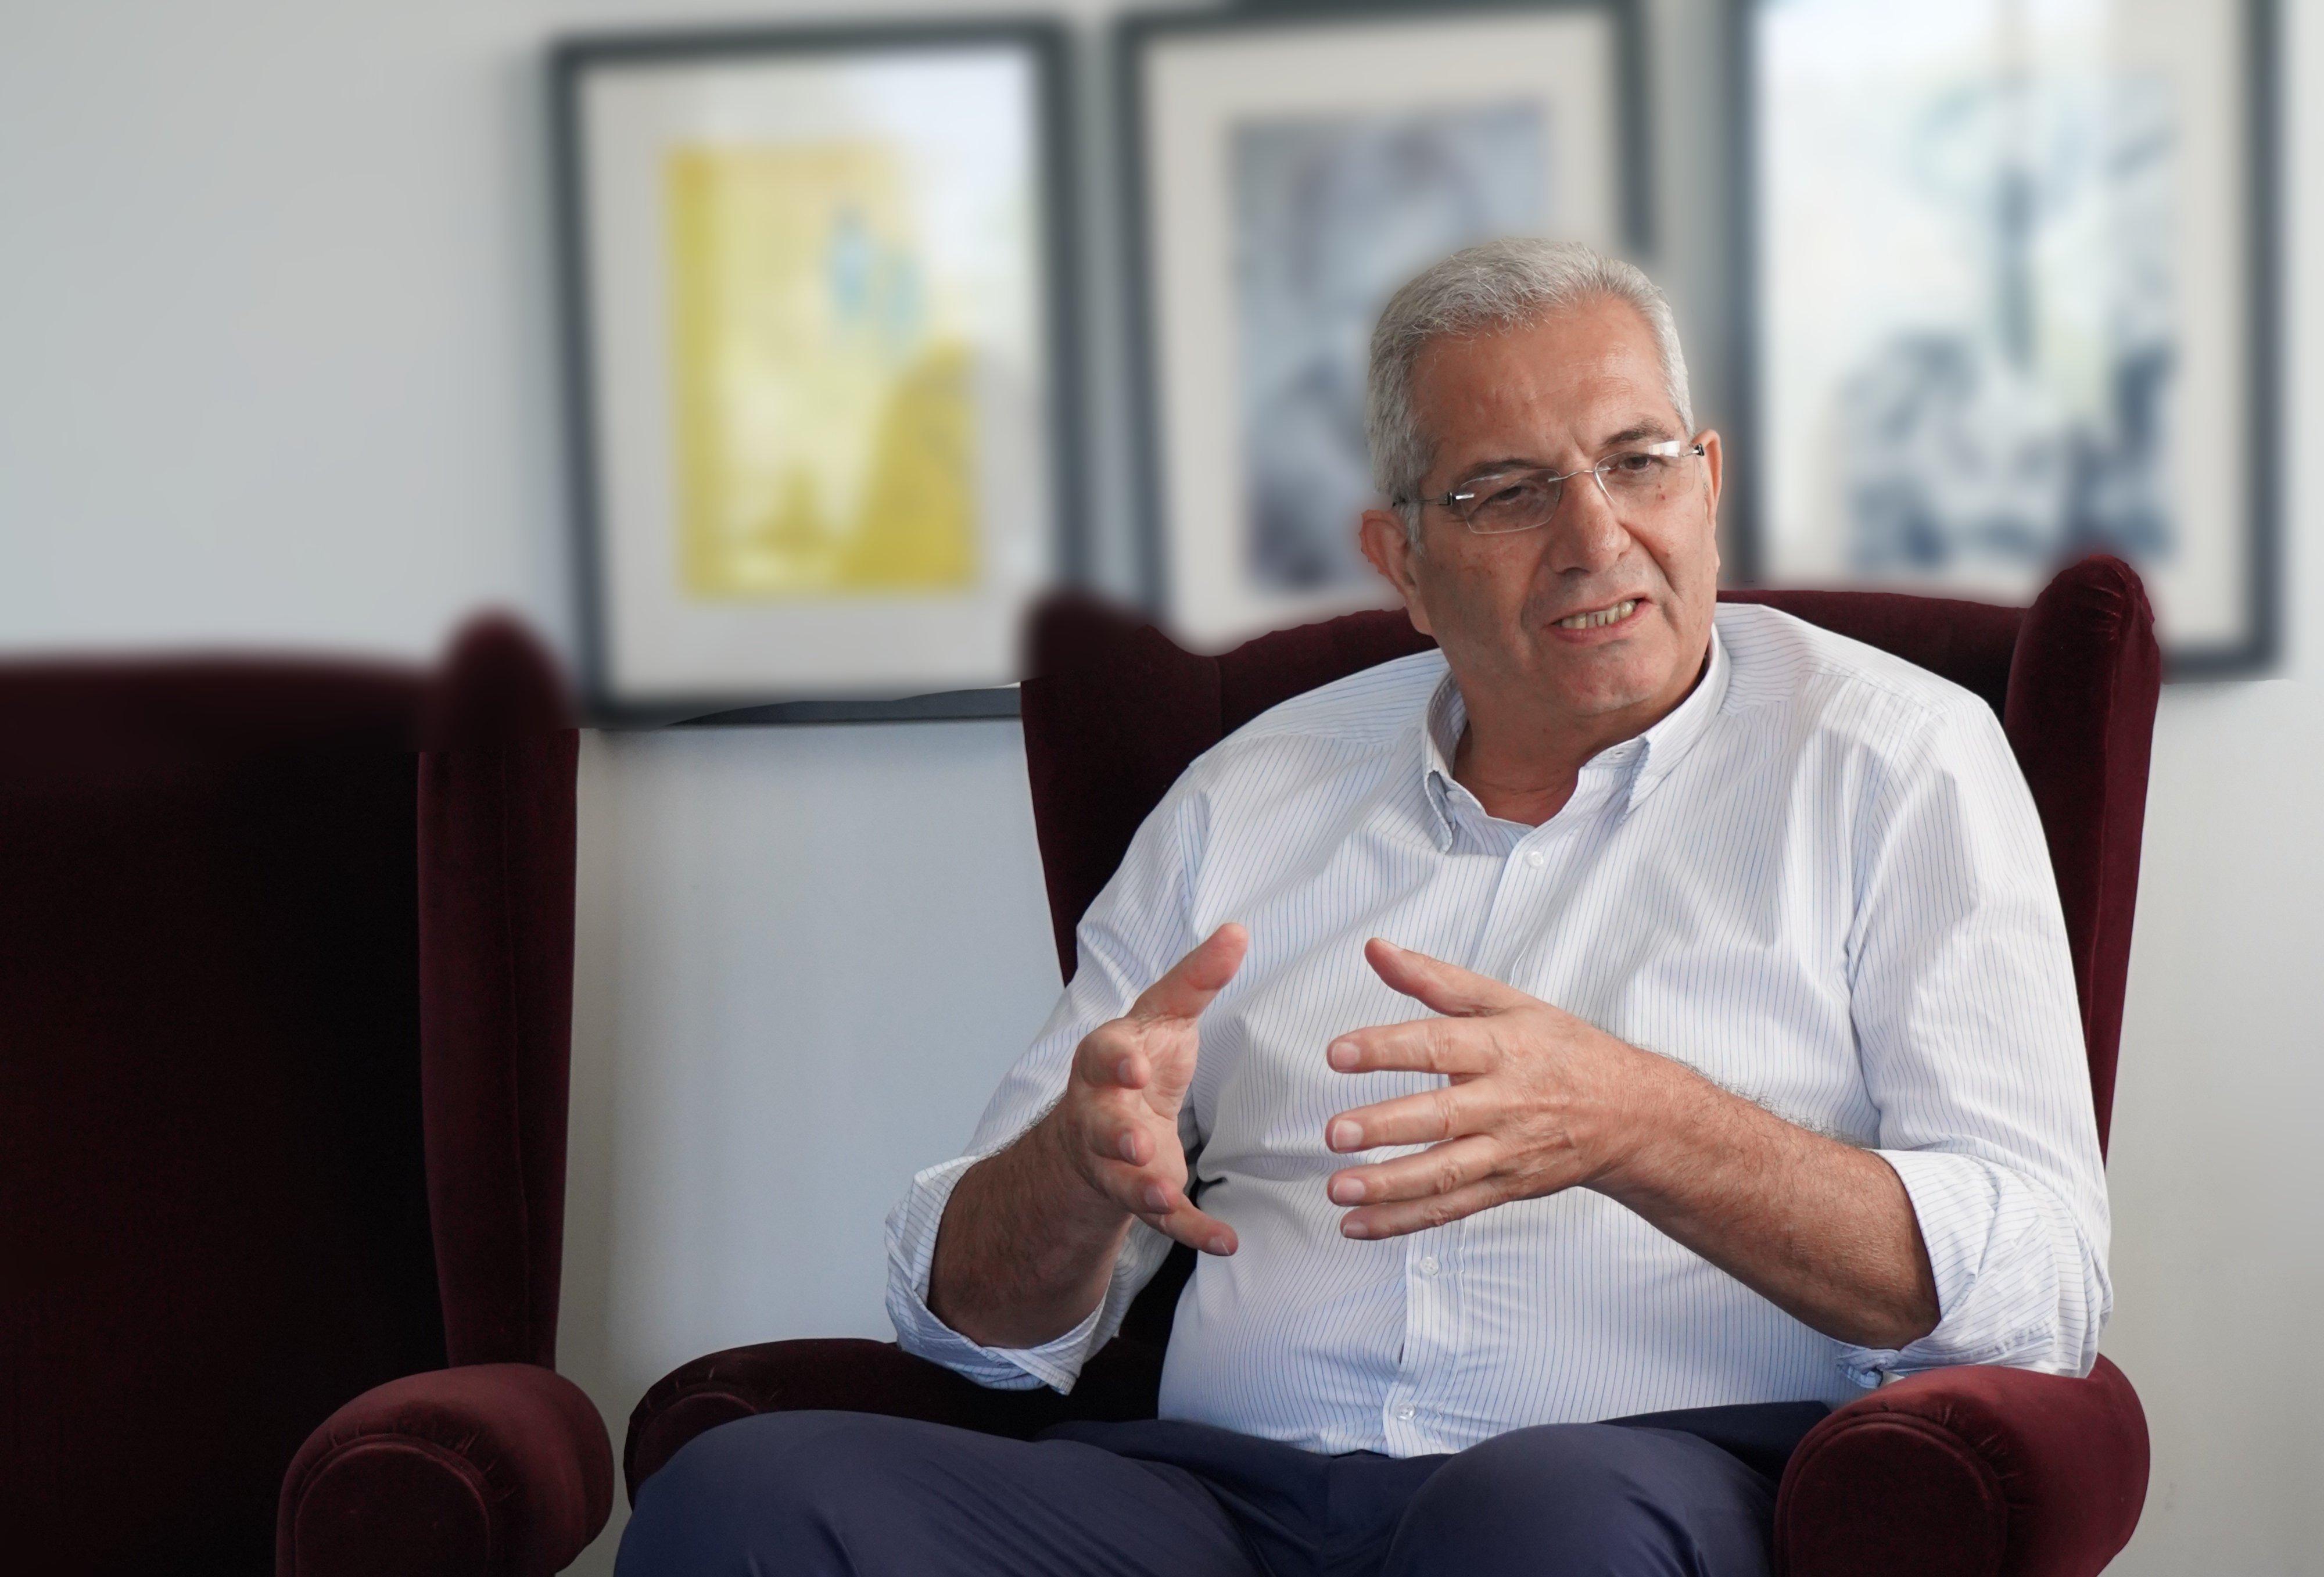 Άντρος Κυπριανού: Ανησυχούμε για το Κυπριακό για τρεις λόγους